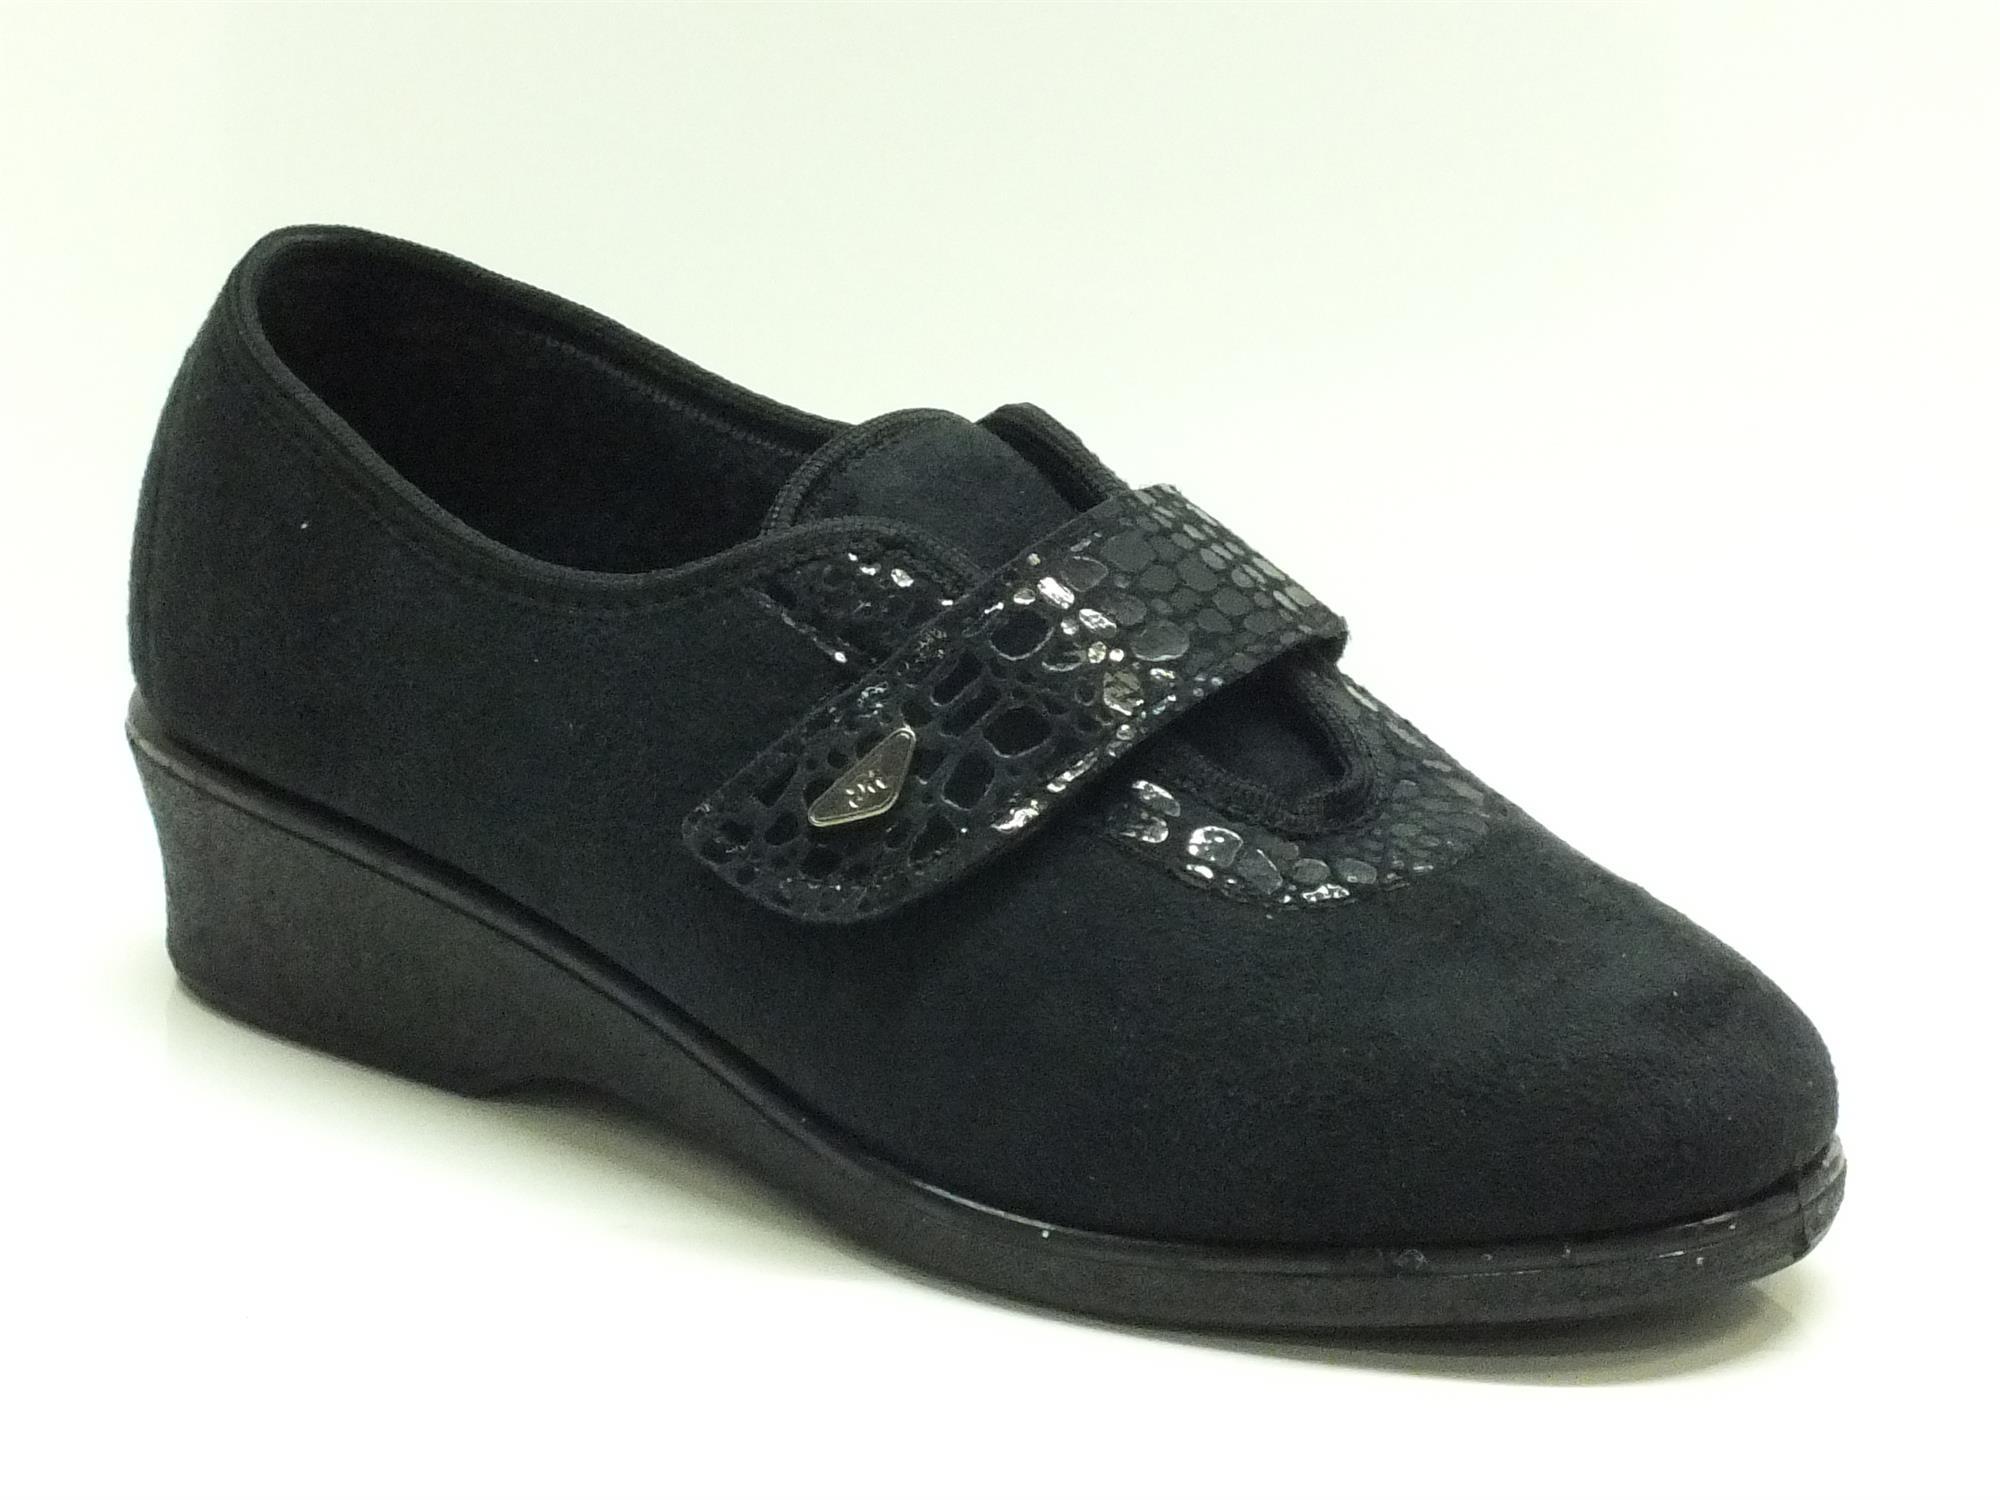 Pantofole-Scarpe Melluso donna tessuto nero - Vitiello Calzature 8e6a776b748